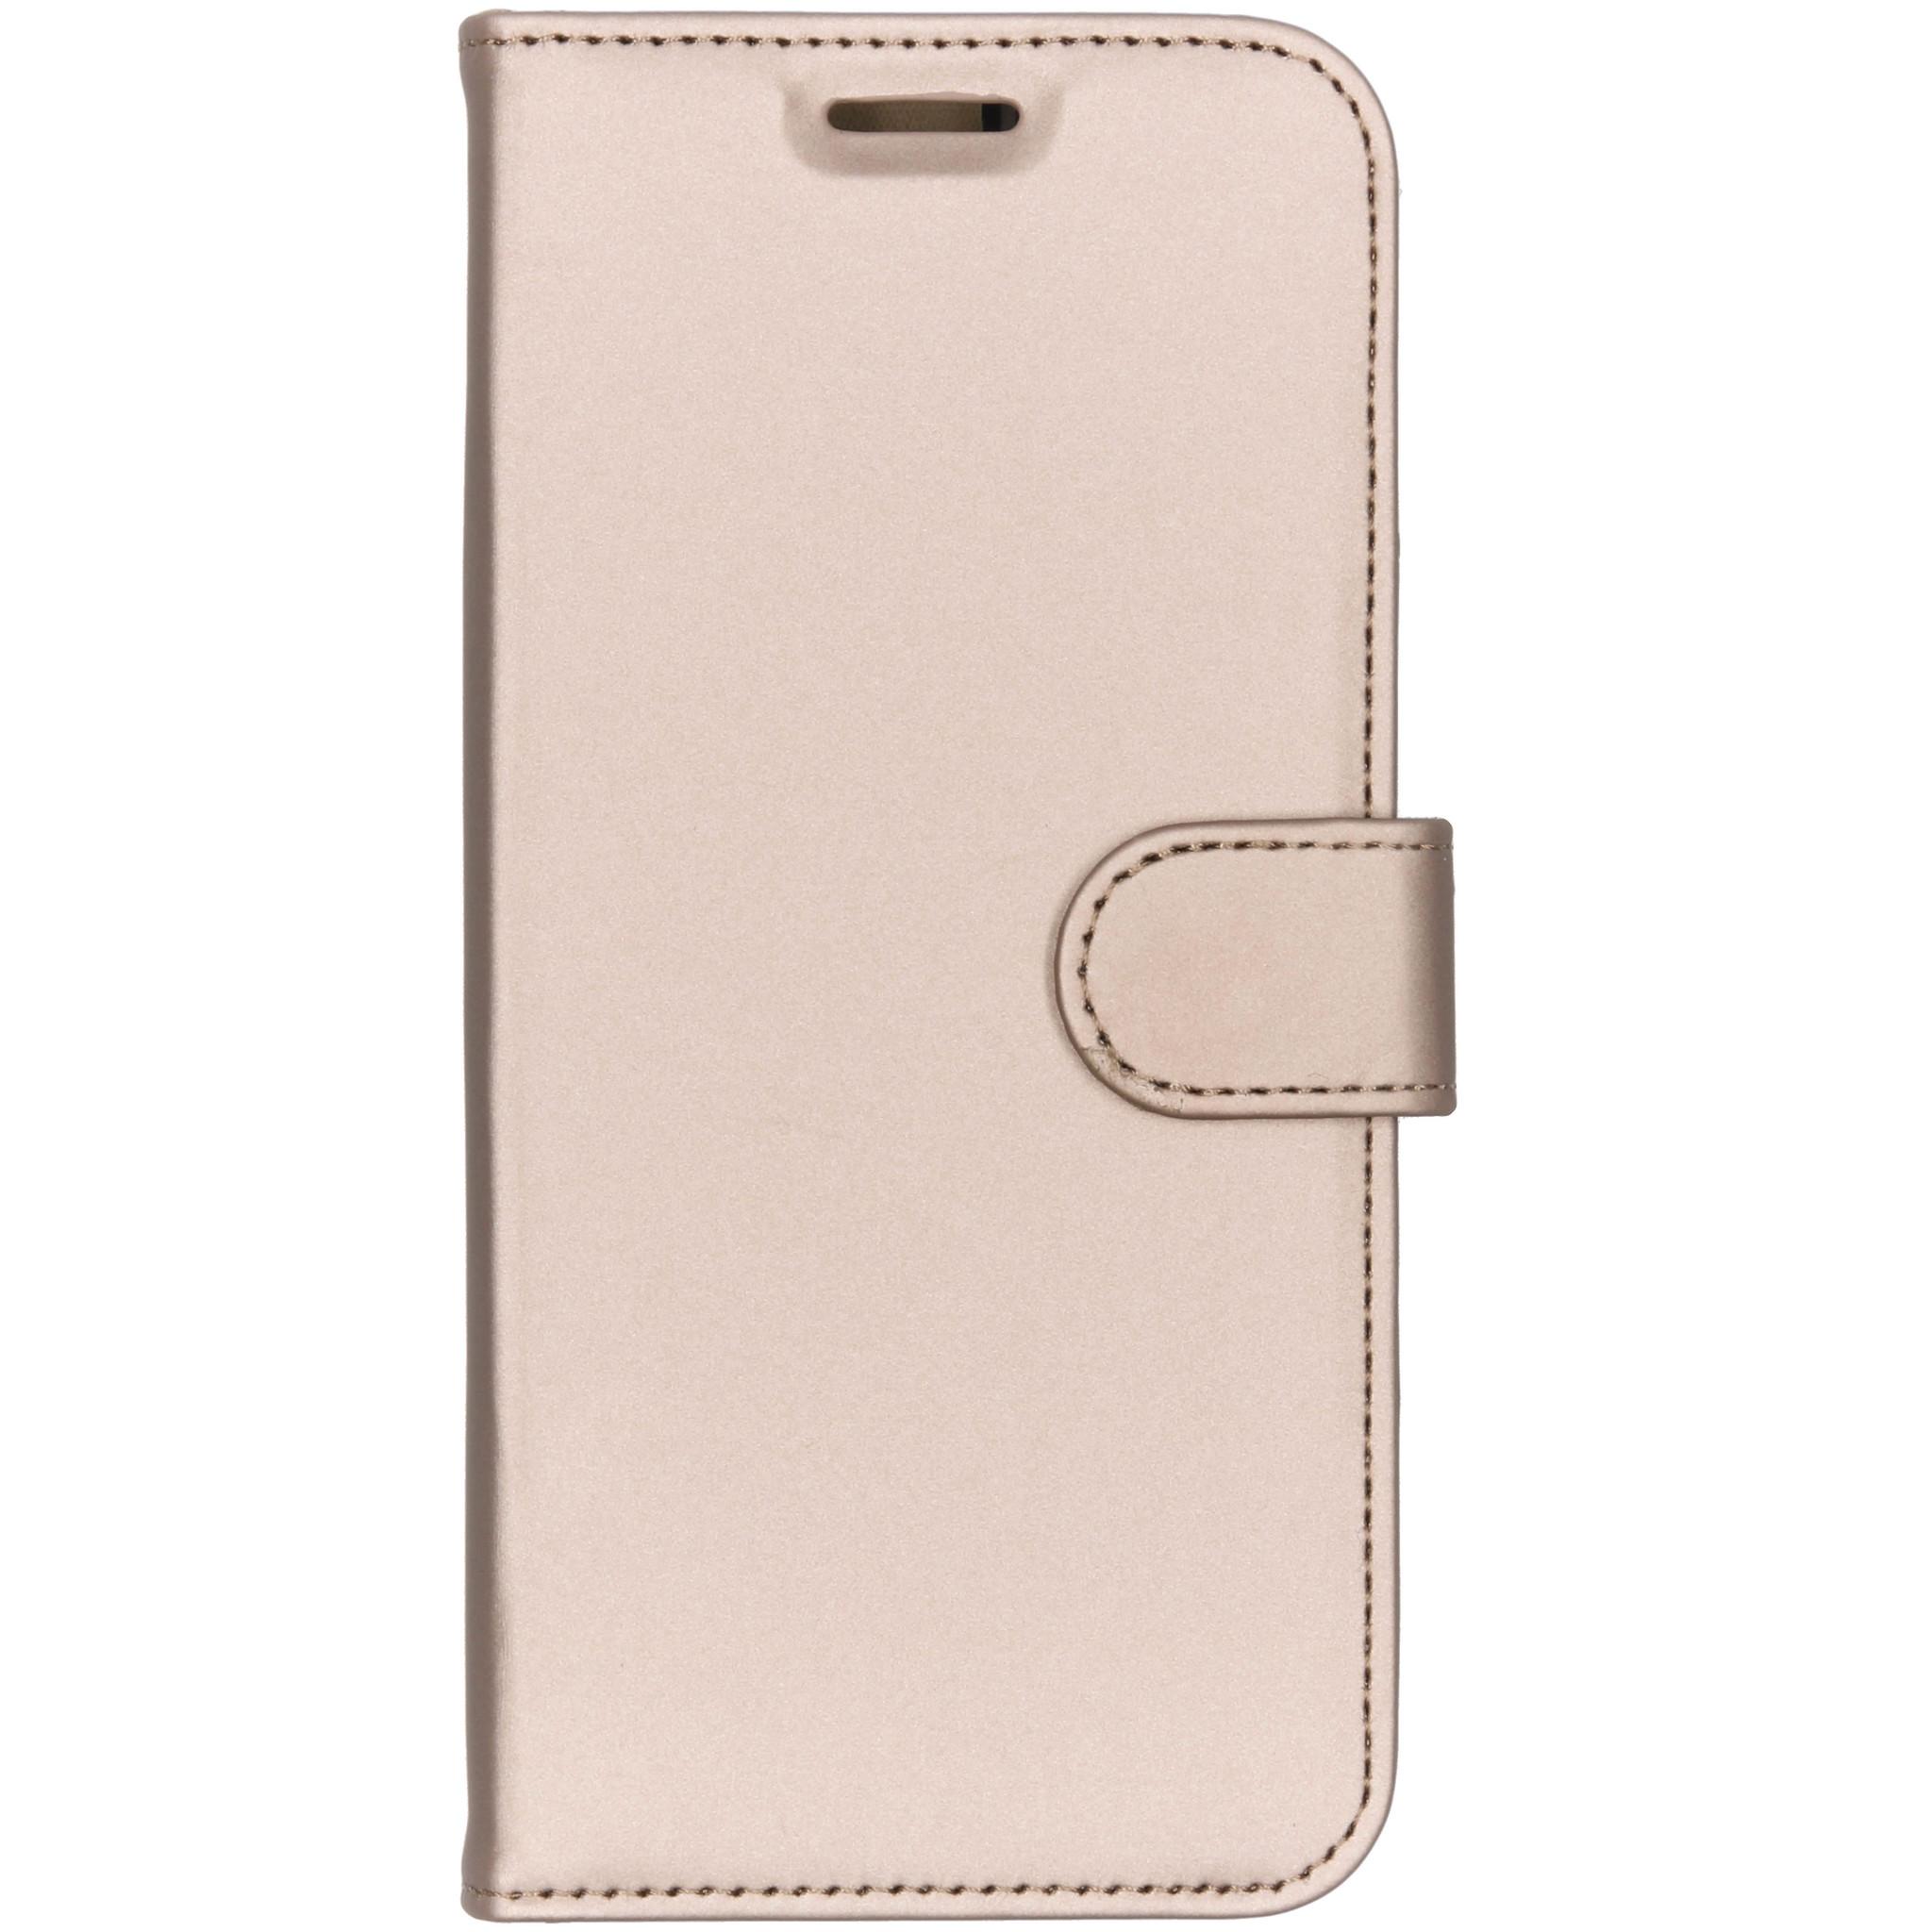 Accezz Goldenes Wallet TPU Booklet für das Motorola Moto G6 Plus